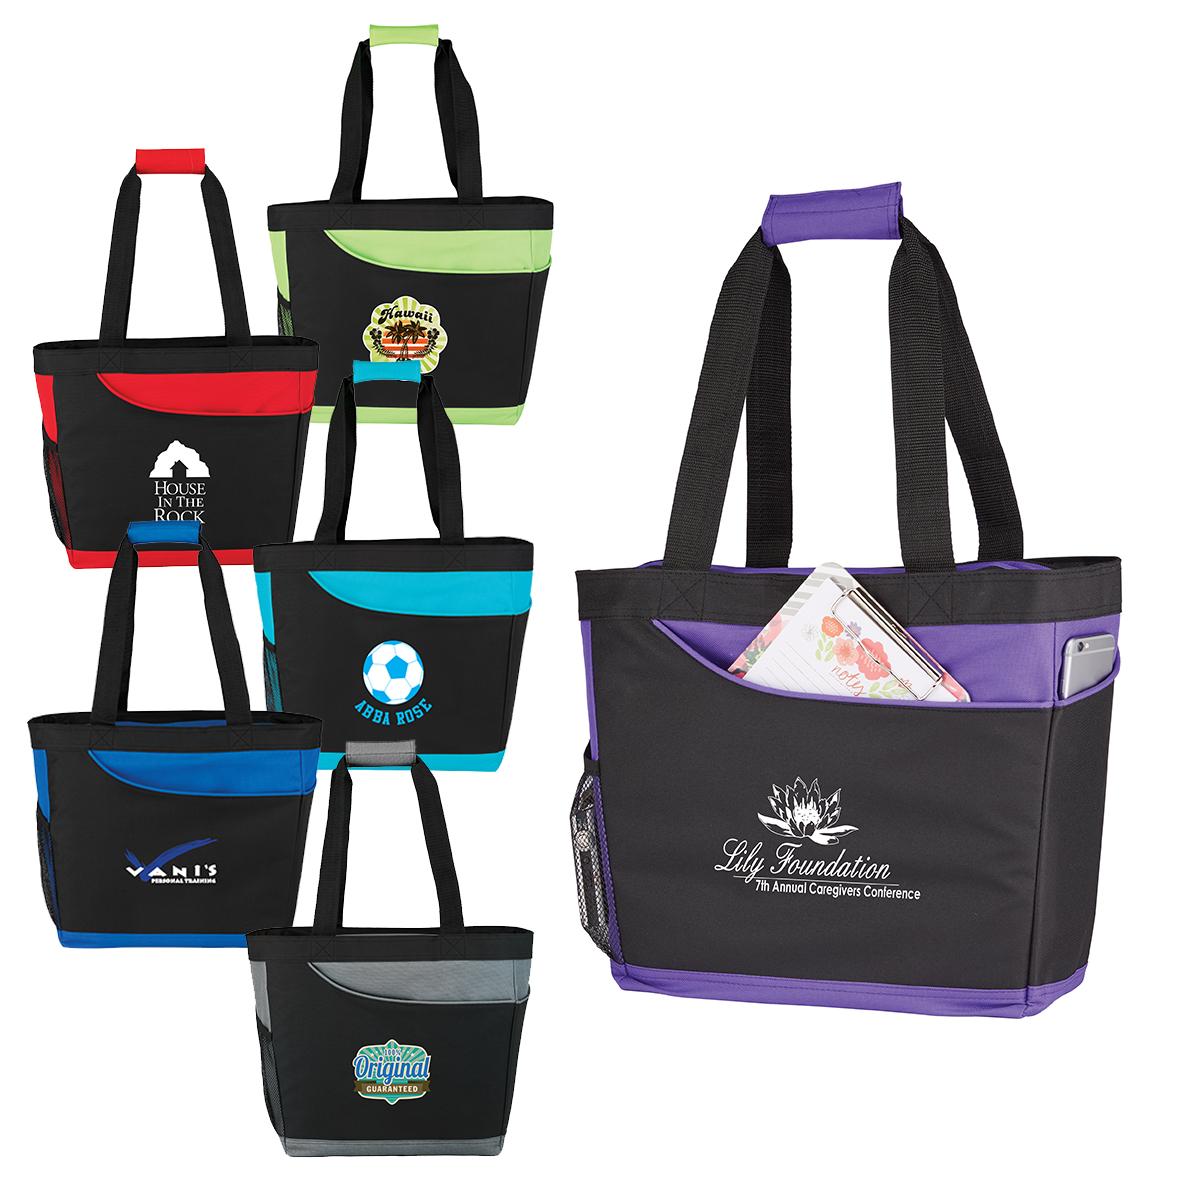 Convertible Cooler Tote Bag